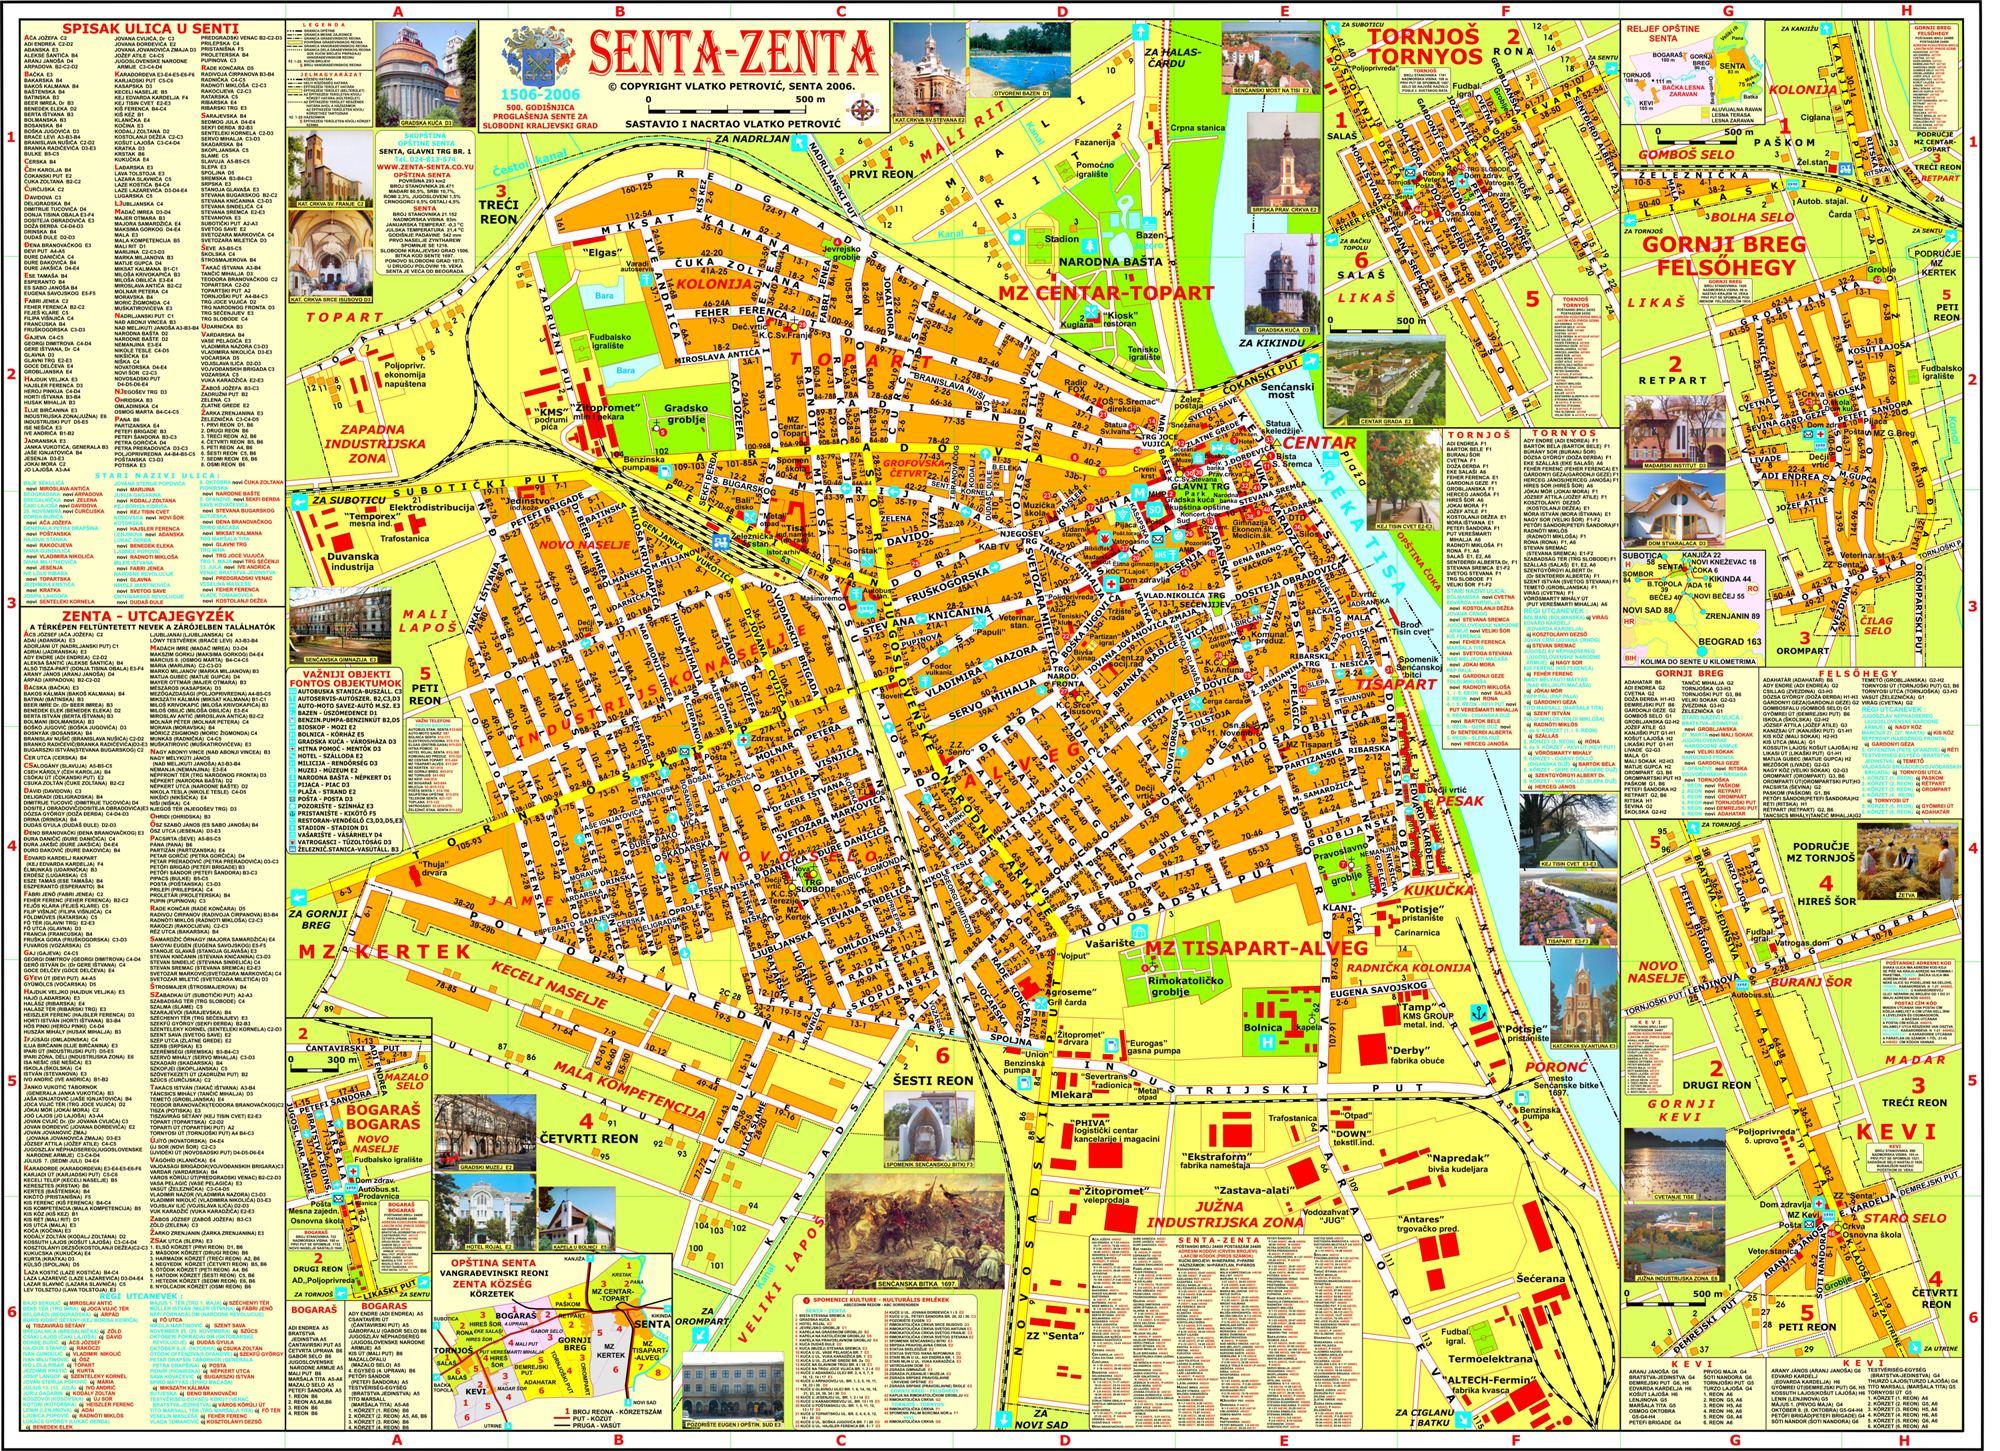 Mapa Sente Upoznajte Sentu Senta